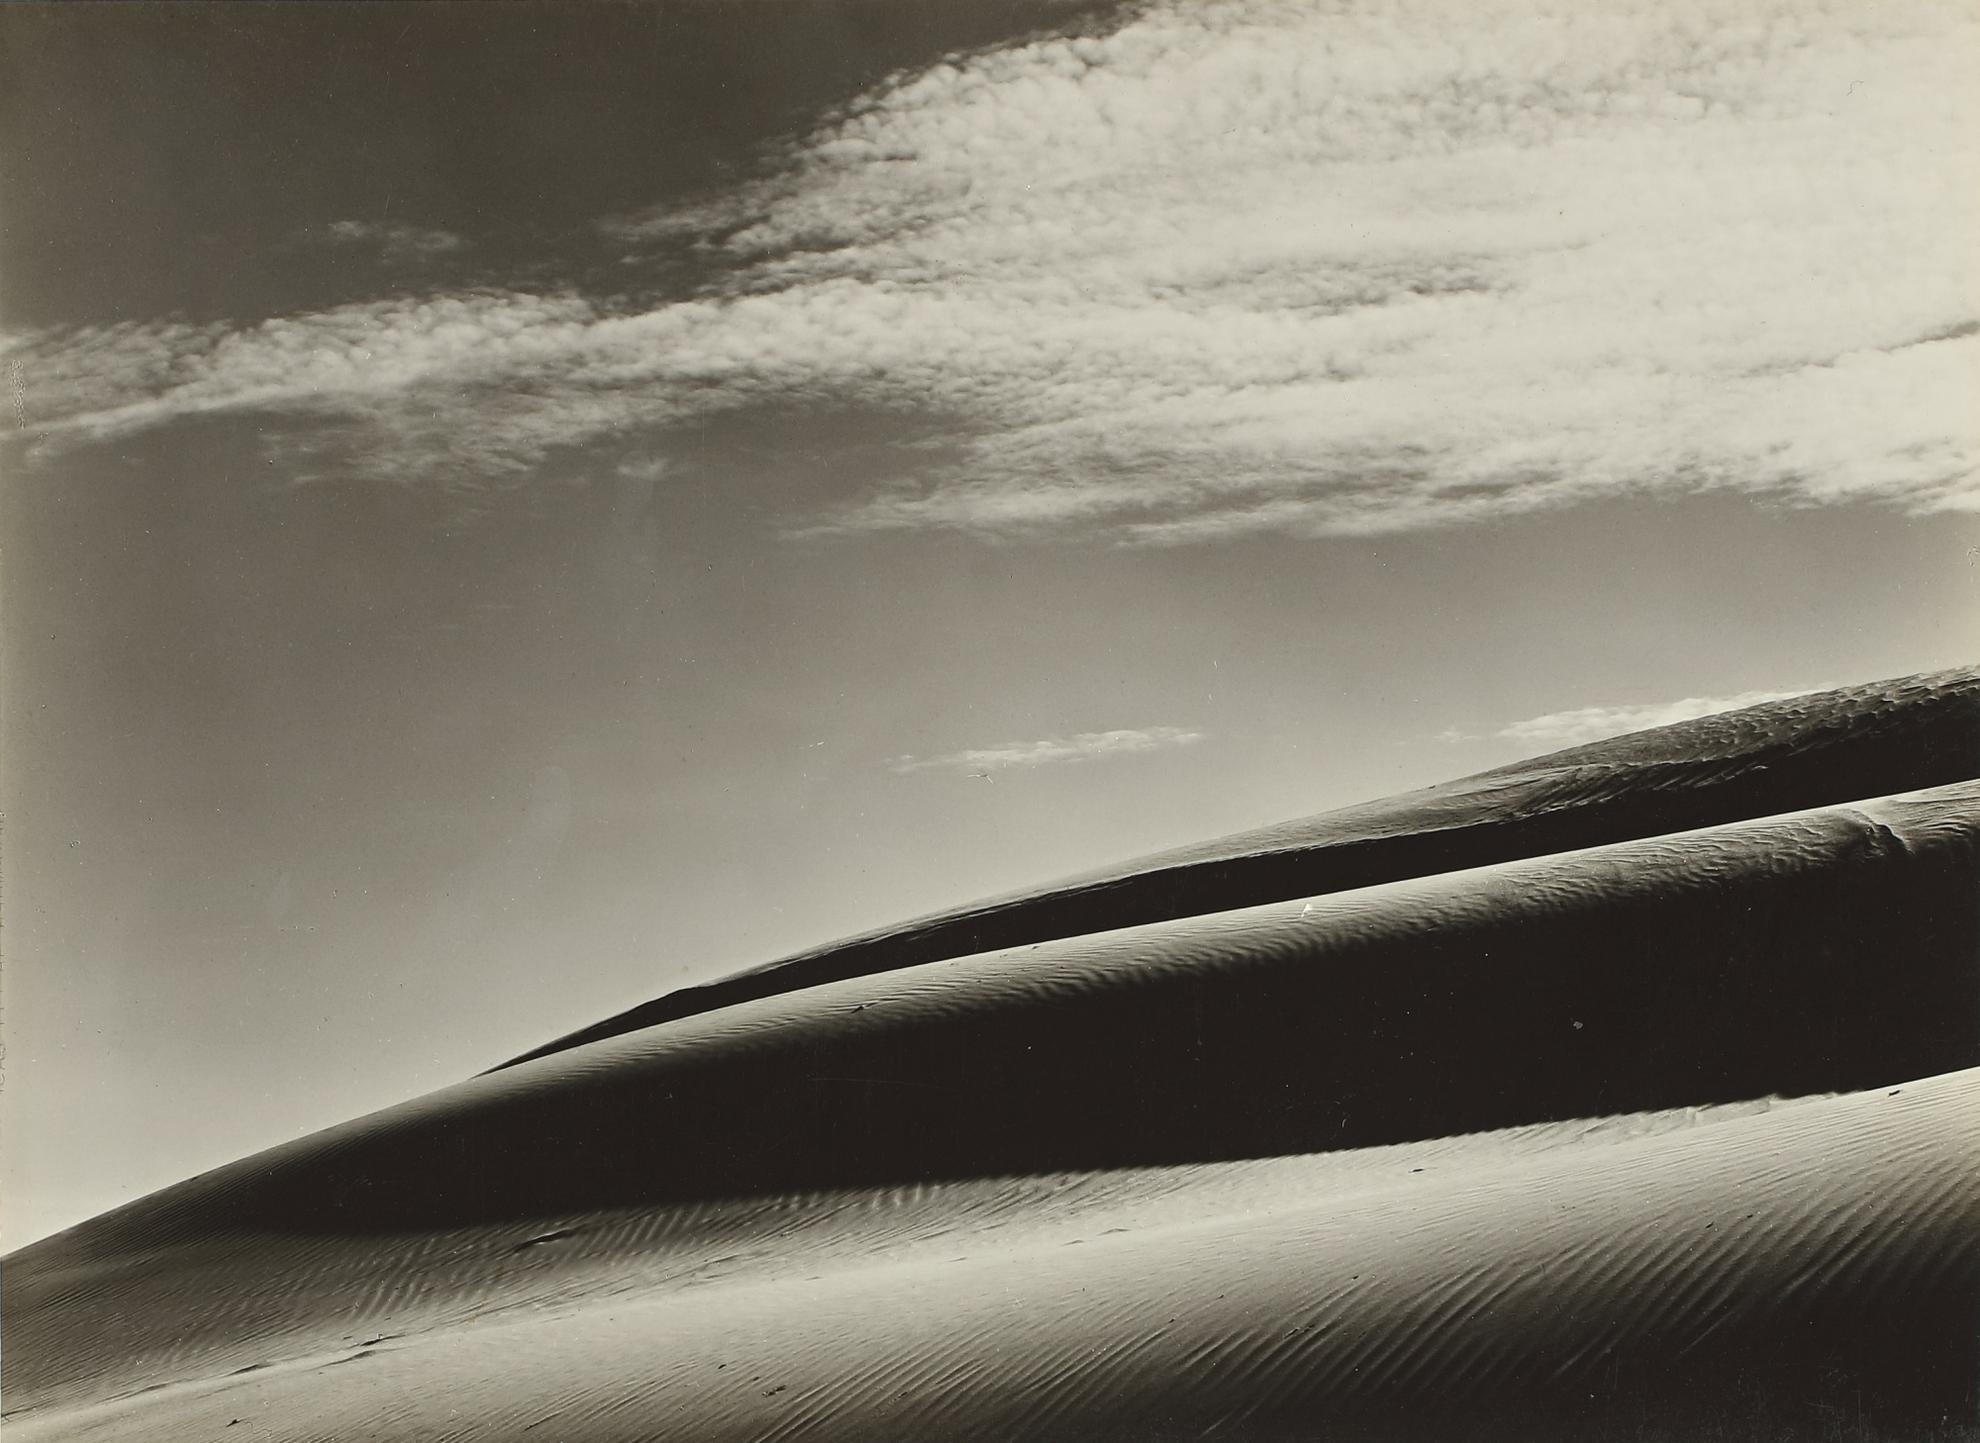 Edward Weston-Dunes, Oceano-1936